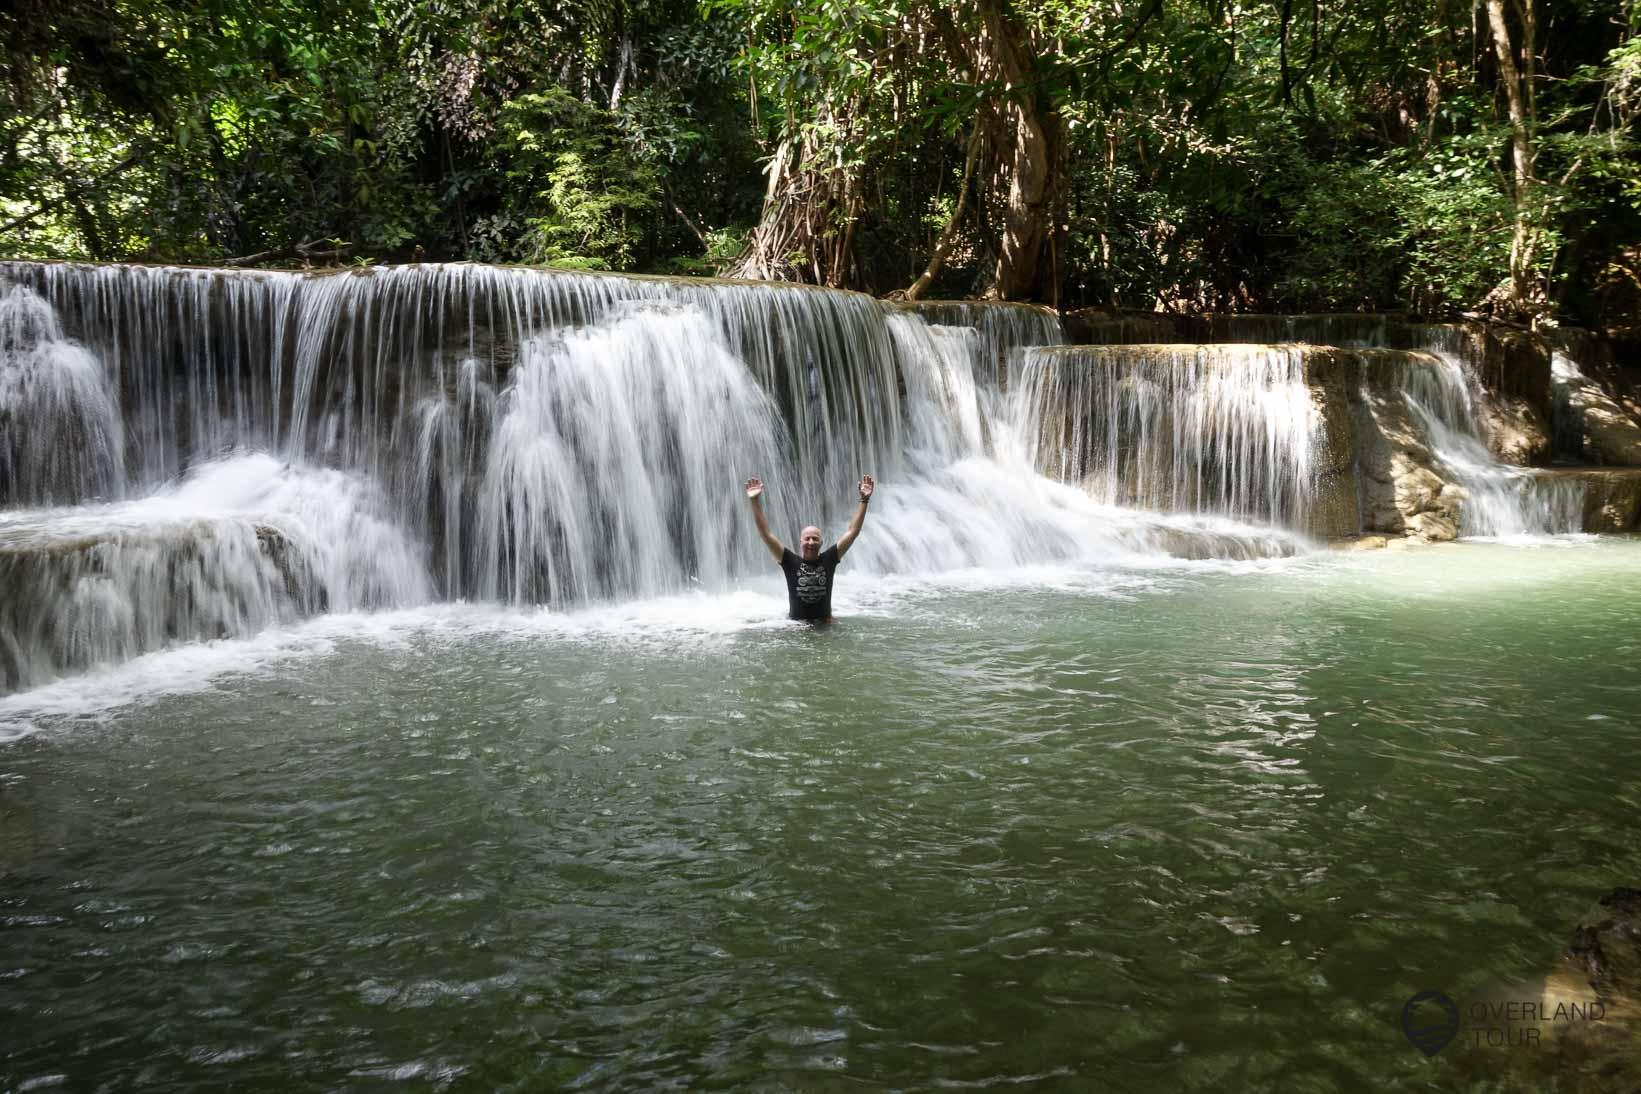 Es gibt mehrere Wasserfällen, in denen man baden kann